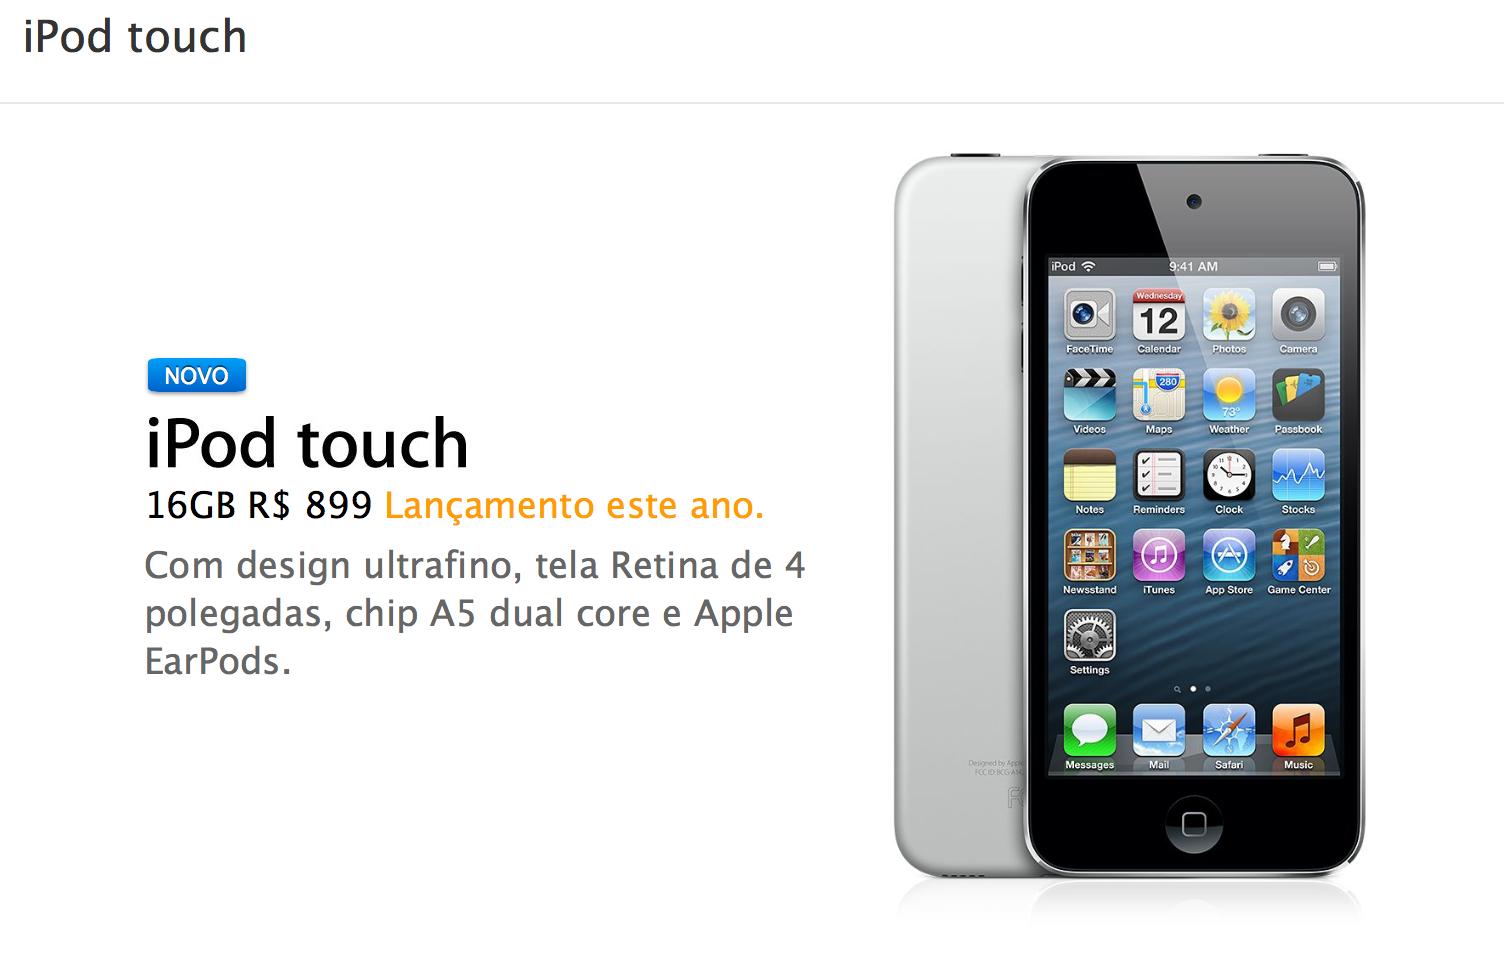 Apple lança novo iPod touch sem iSight, de quinta geracao